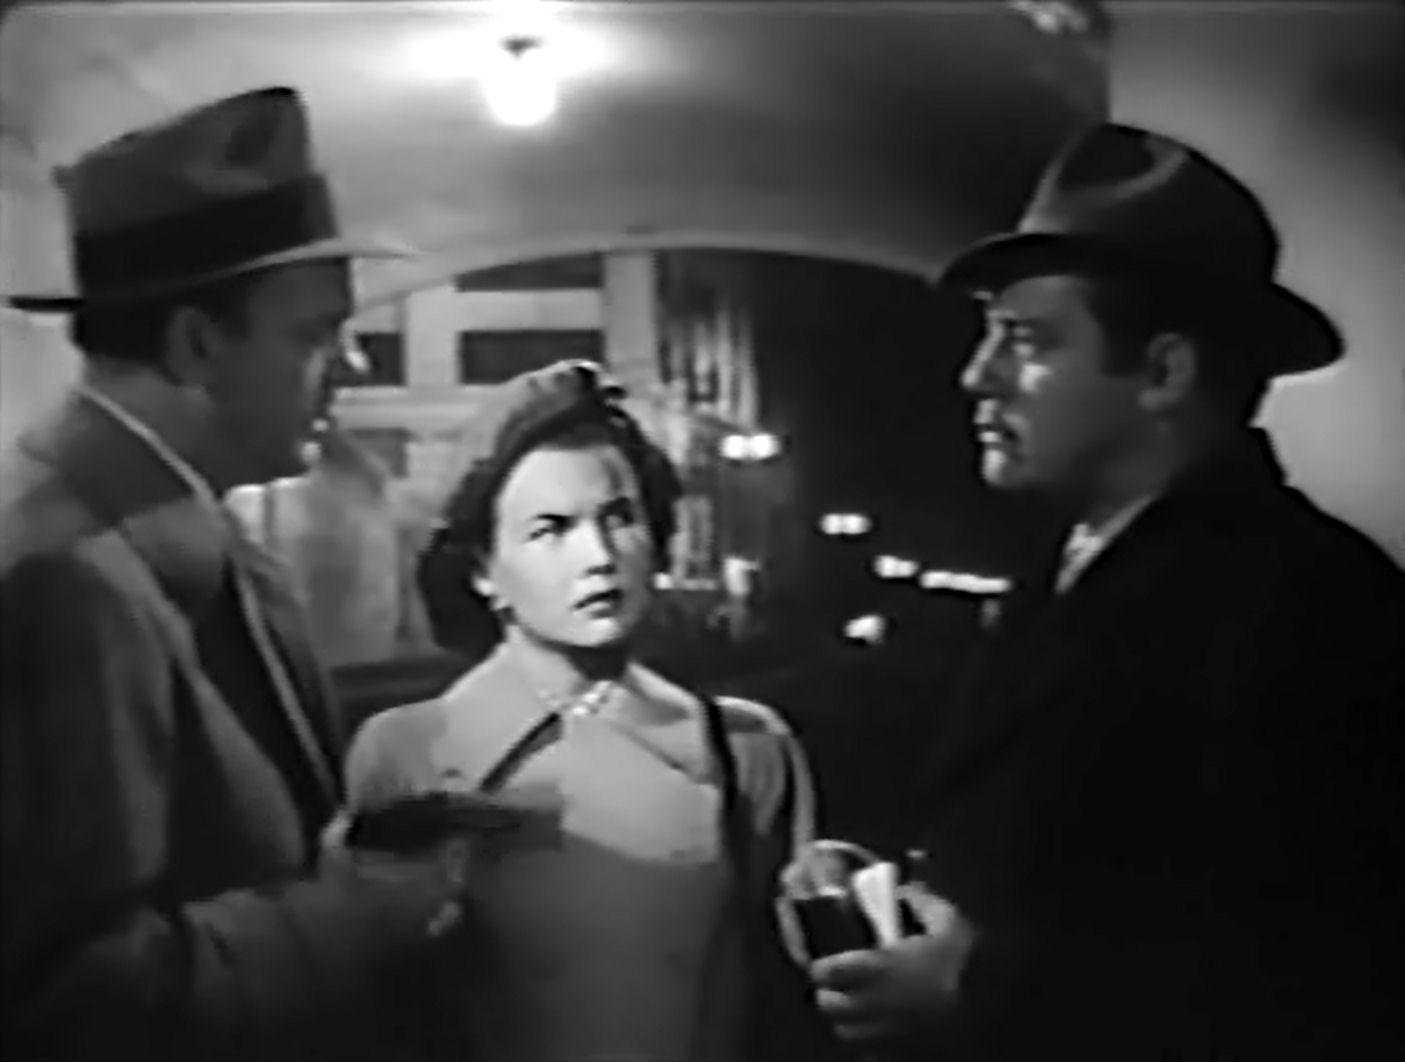 Abandoned (1949 film) Noirsville the film noir Abandoned 1949 Black Market Babies